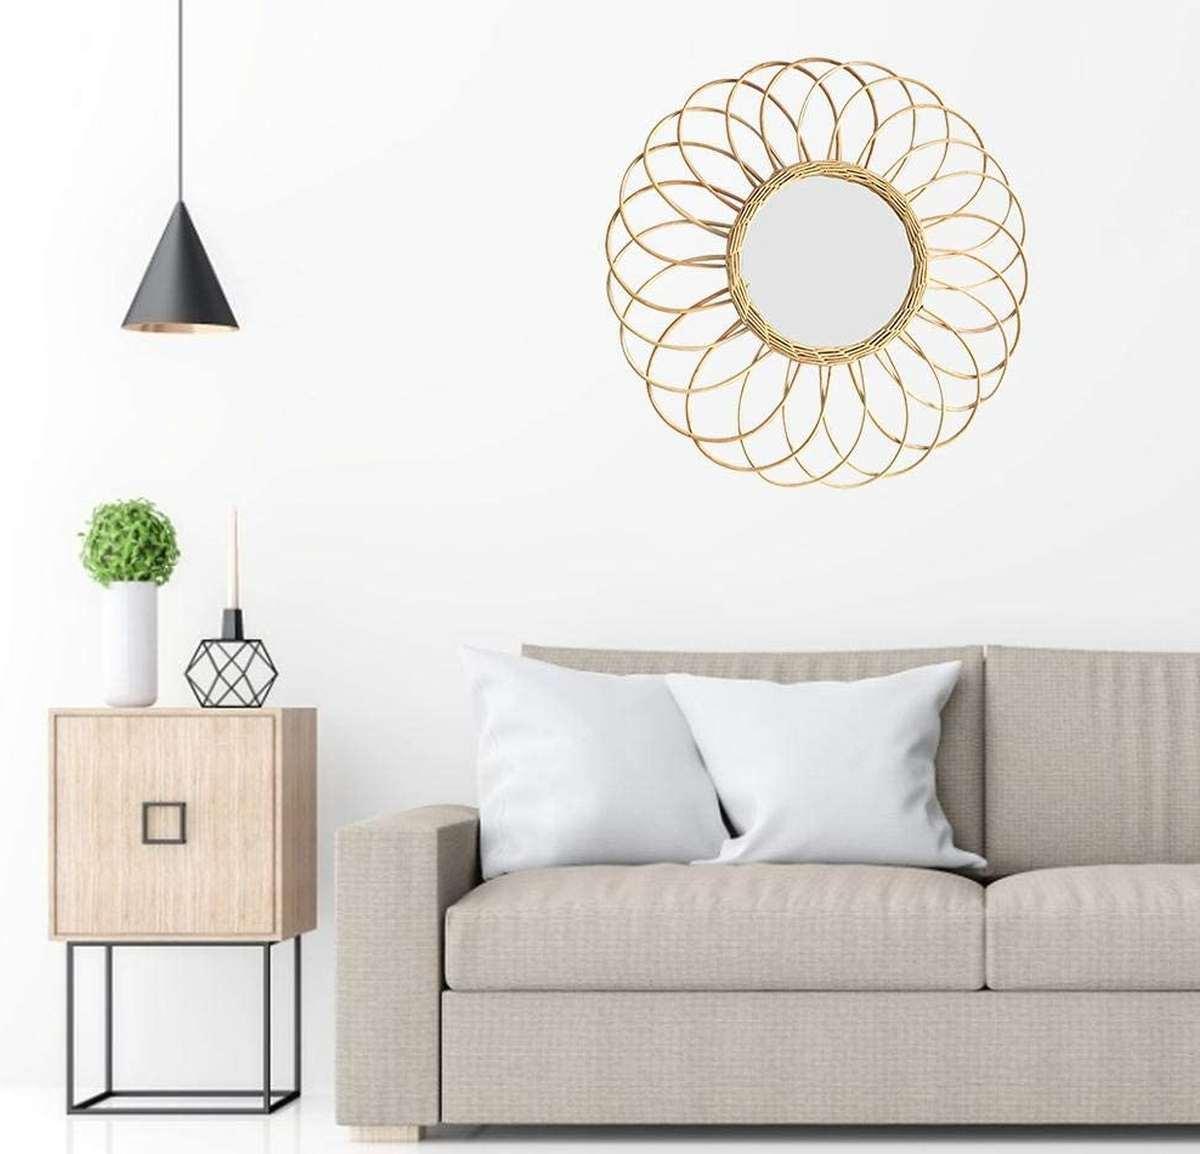 specchio-di-design-da-parete-in-rattan-naturale-dorato-a-forma-di-sole